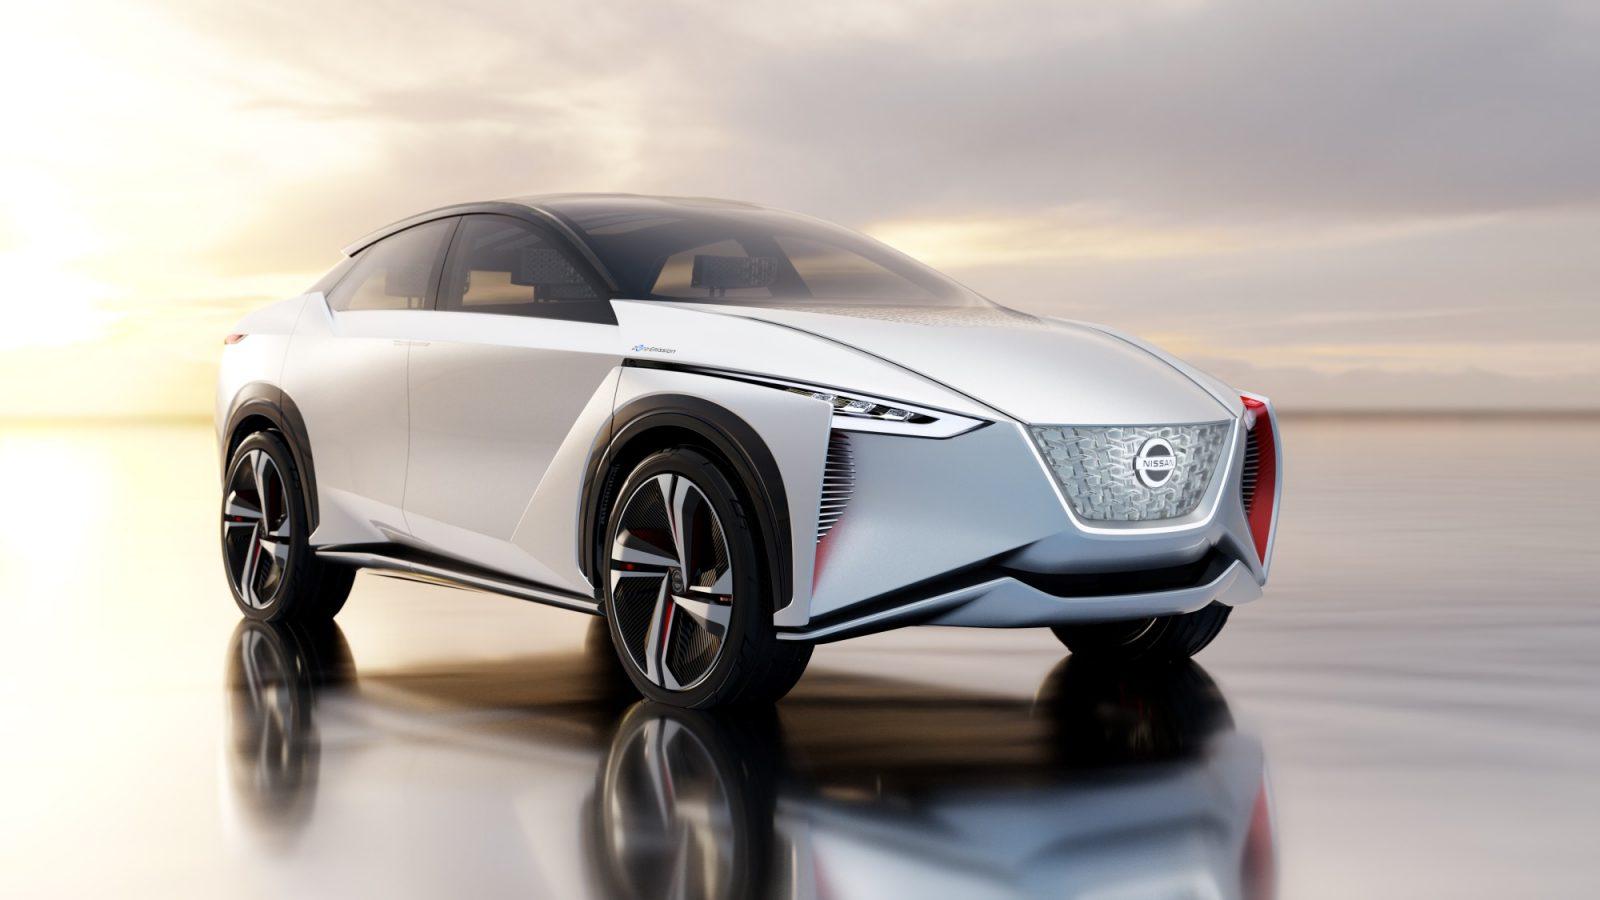 Nissan IMx je električni autonomni koncept